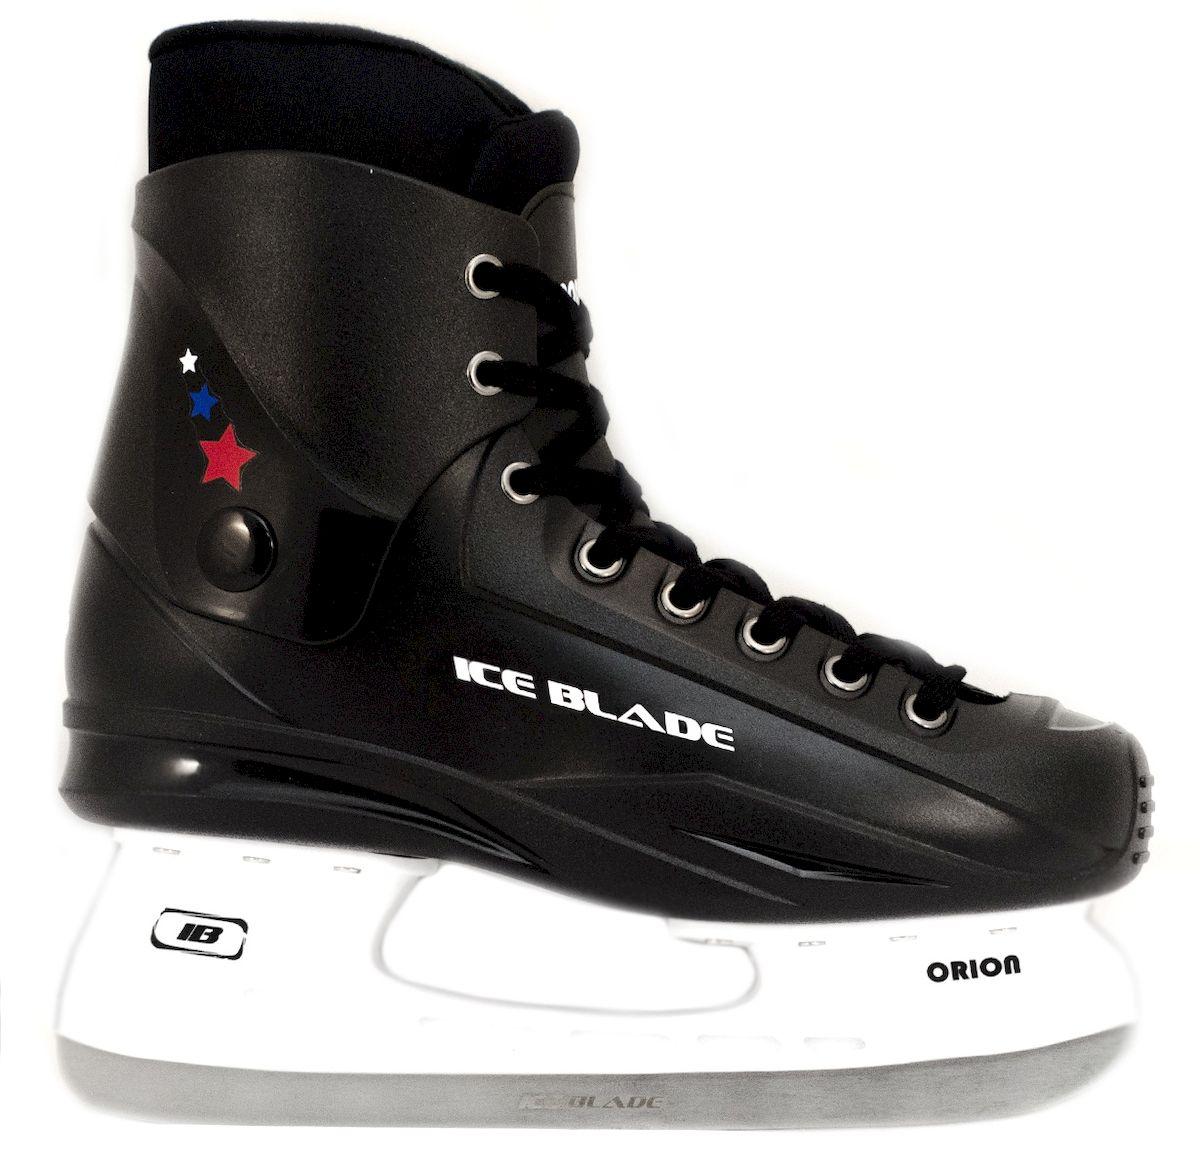 Коньки хоккейные Ice Blade Orion, цвет: черный. УТ-00004984. Размер 41УТ-00004984Коньки хоккейные Orion - это хоккейные коньки для любых возрастов. Конструкция Ice Blade Orion прекрасно защищает стопу, очень комфортно для активного катания, а также позволяет играть в хоккей. Легкий пластиковый ботинок хоккейных коньков Ice Blade Orion очень комфортный как для простого катания на льду, так и для любительского хоккея. Внутренний сапожок утеплен мягким и дышащим материалом, а язычок усилен специальной вставкой для большей безопасности Вашей стопы. Модель Ice Blade Orion также прекрасно подойдет и для коммерческого использования. Данную модель часто покупают для использования в прокате. Материал: Выполнены из высококачественного морозостойкого пластика и нейлоновой сетки. Внутренняя часть отделана мягким вельветом. Материал лезвия - высокоуглеродистая сталь. Основные характеристики: Назначение: хоккейные коньки Тип фиксации: шнурки Дополнительные характеристики: Материал ботинка: высококачественный морозостойкий пластик и нейлоновая сетка...